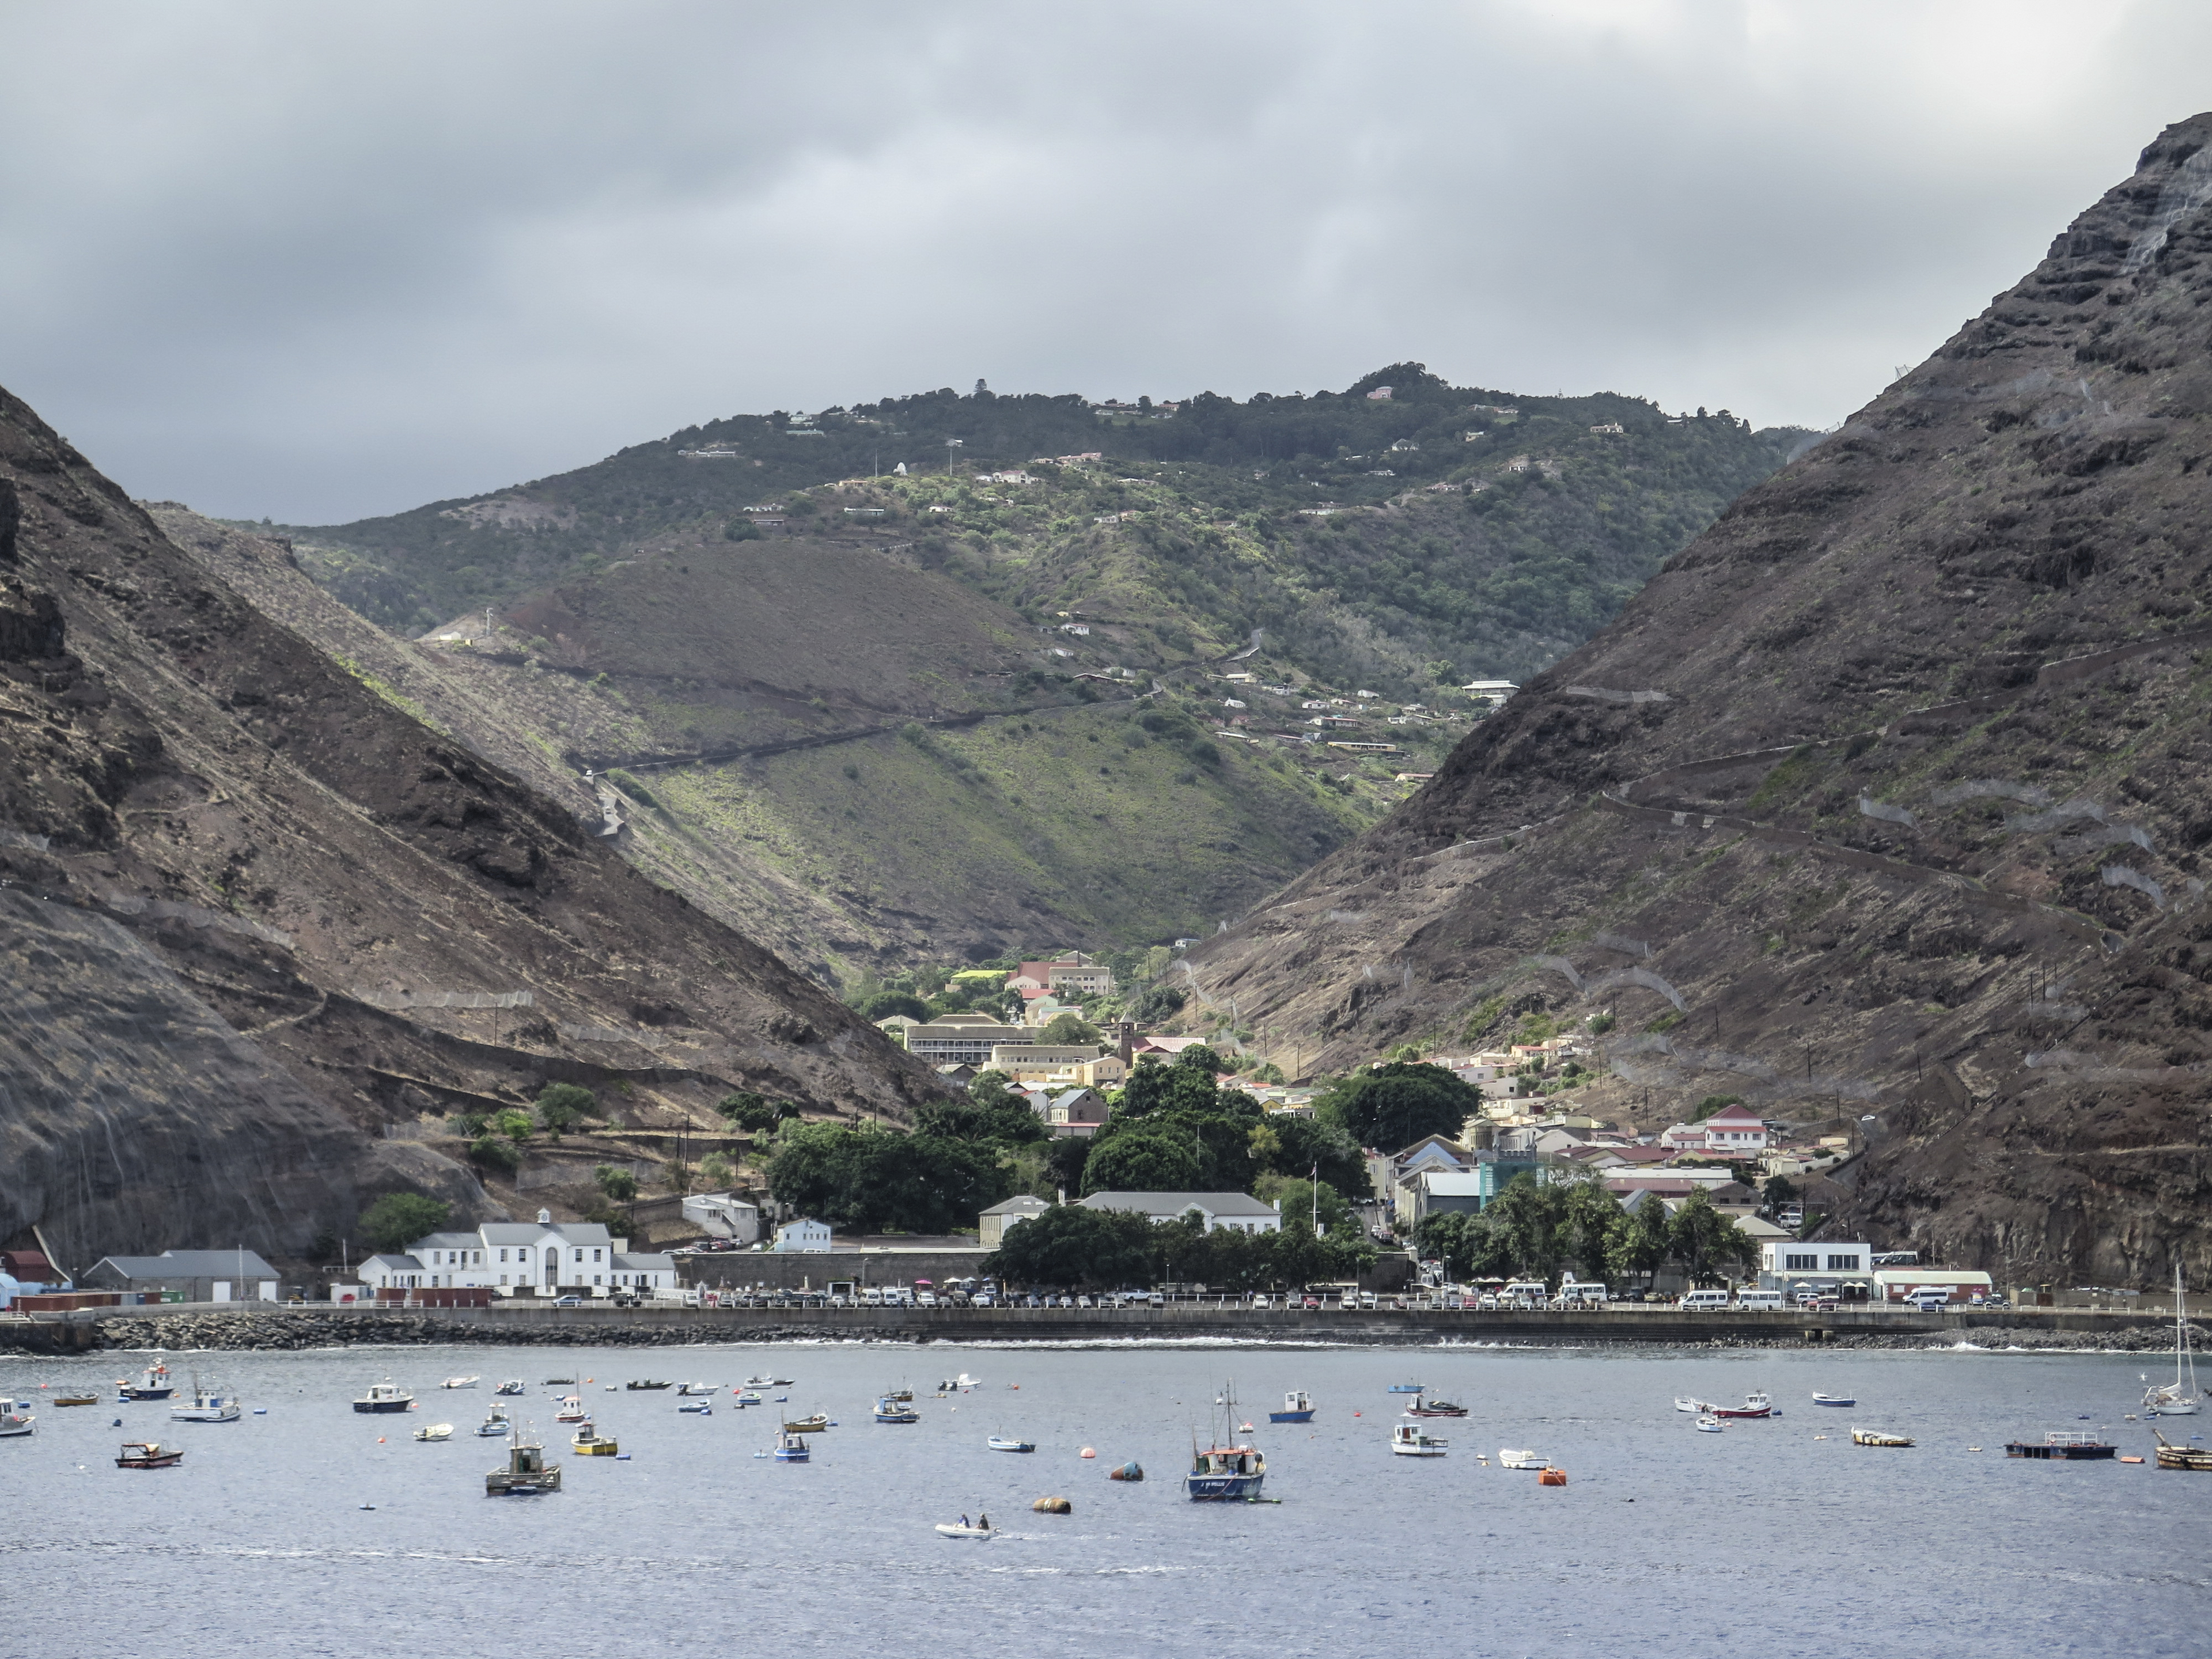 Lijnvliegtuig landt voor het eerst op afgelegen eiland sint helena vrt nws - In het midden eiland grootte ...